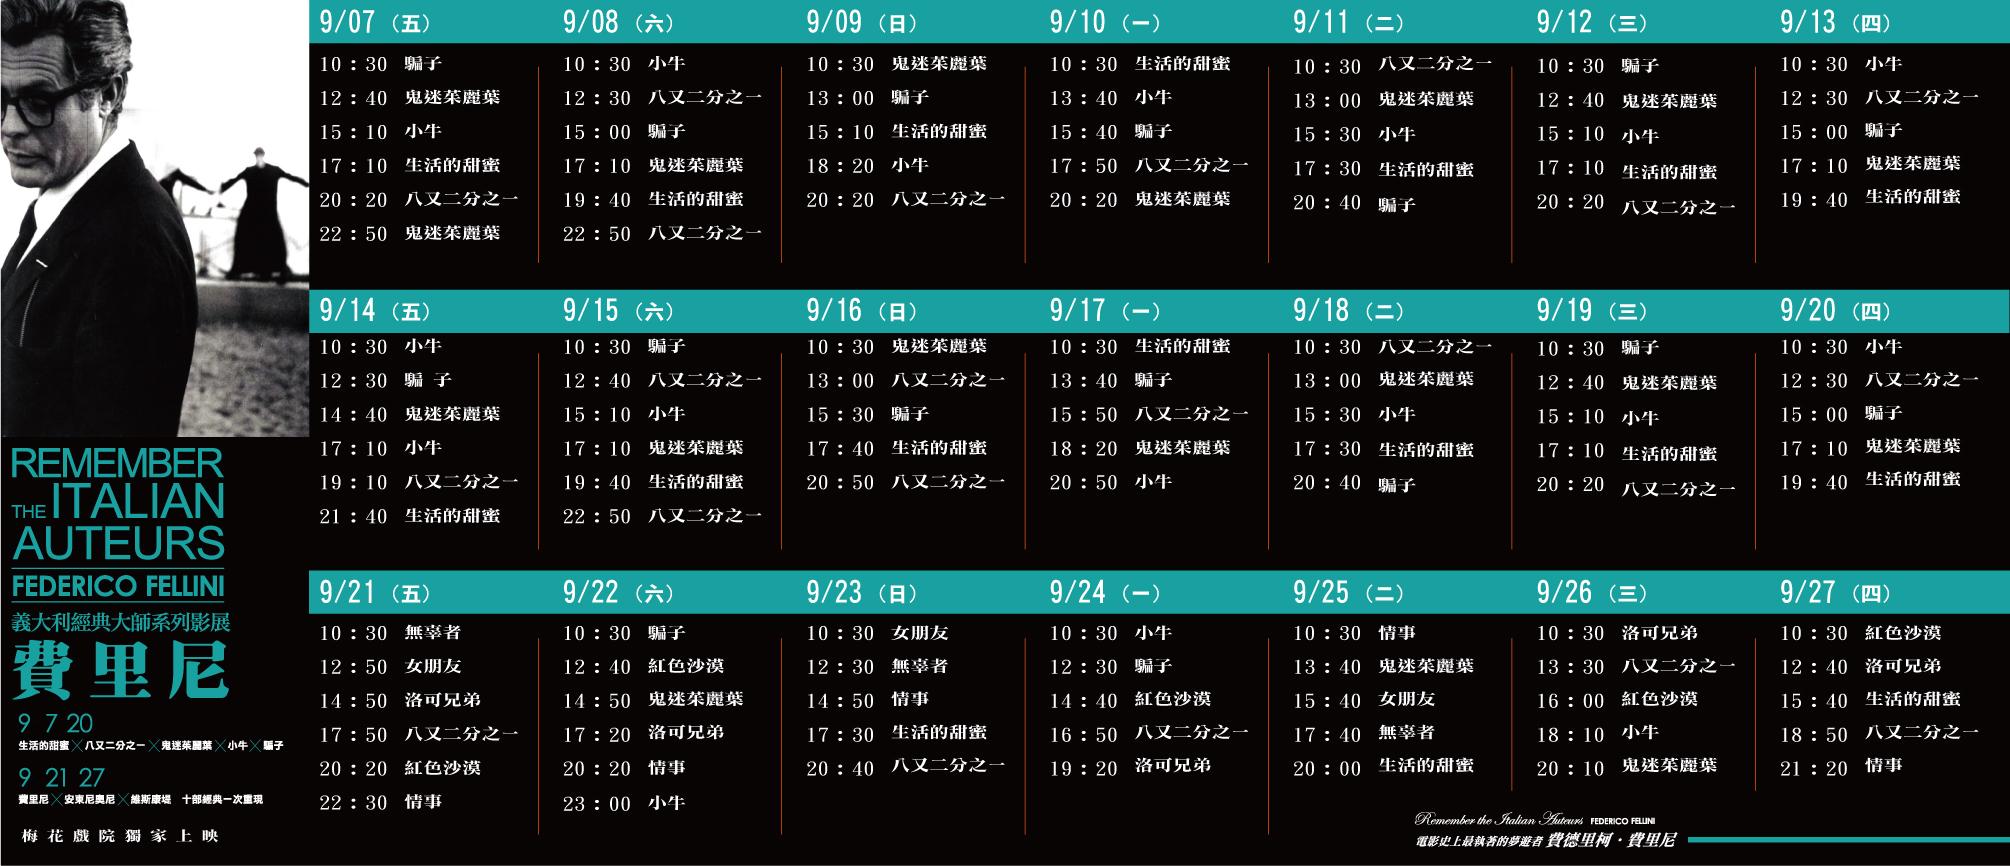 費里尼影展時刻表